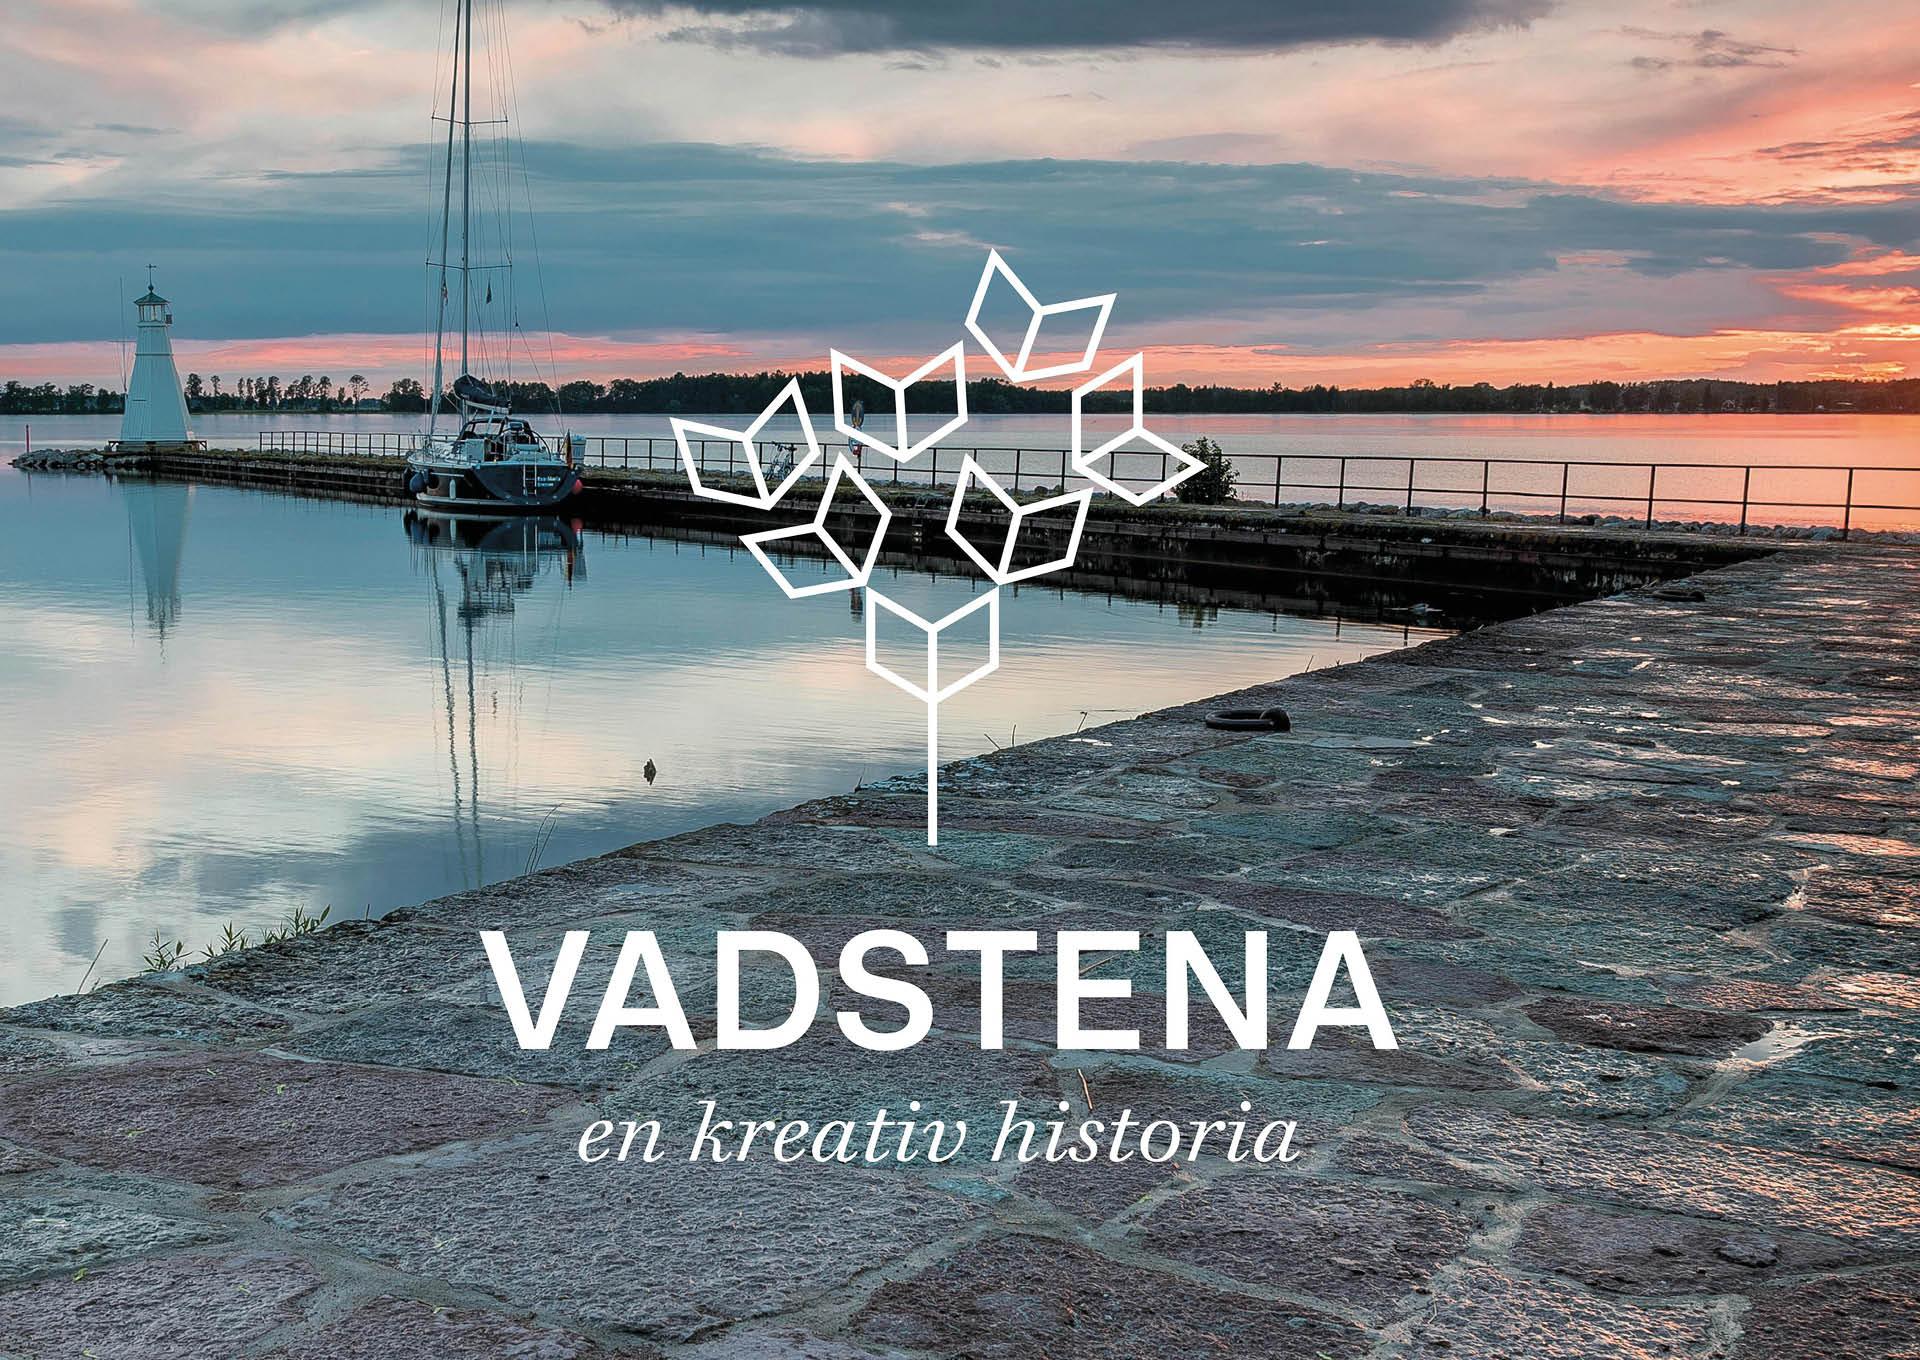 Logotyp för plasten Vadstena, framtagen av Identx